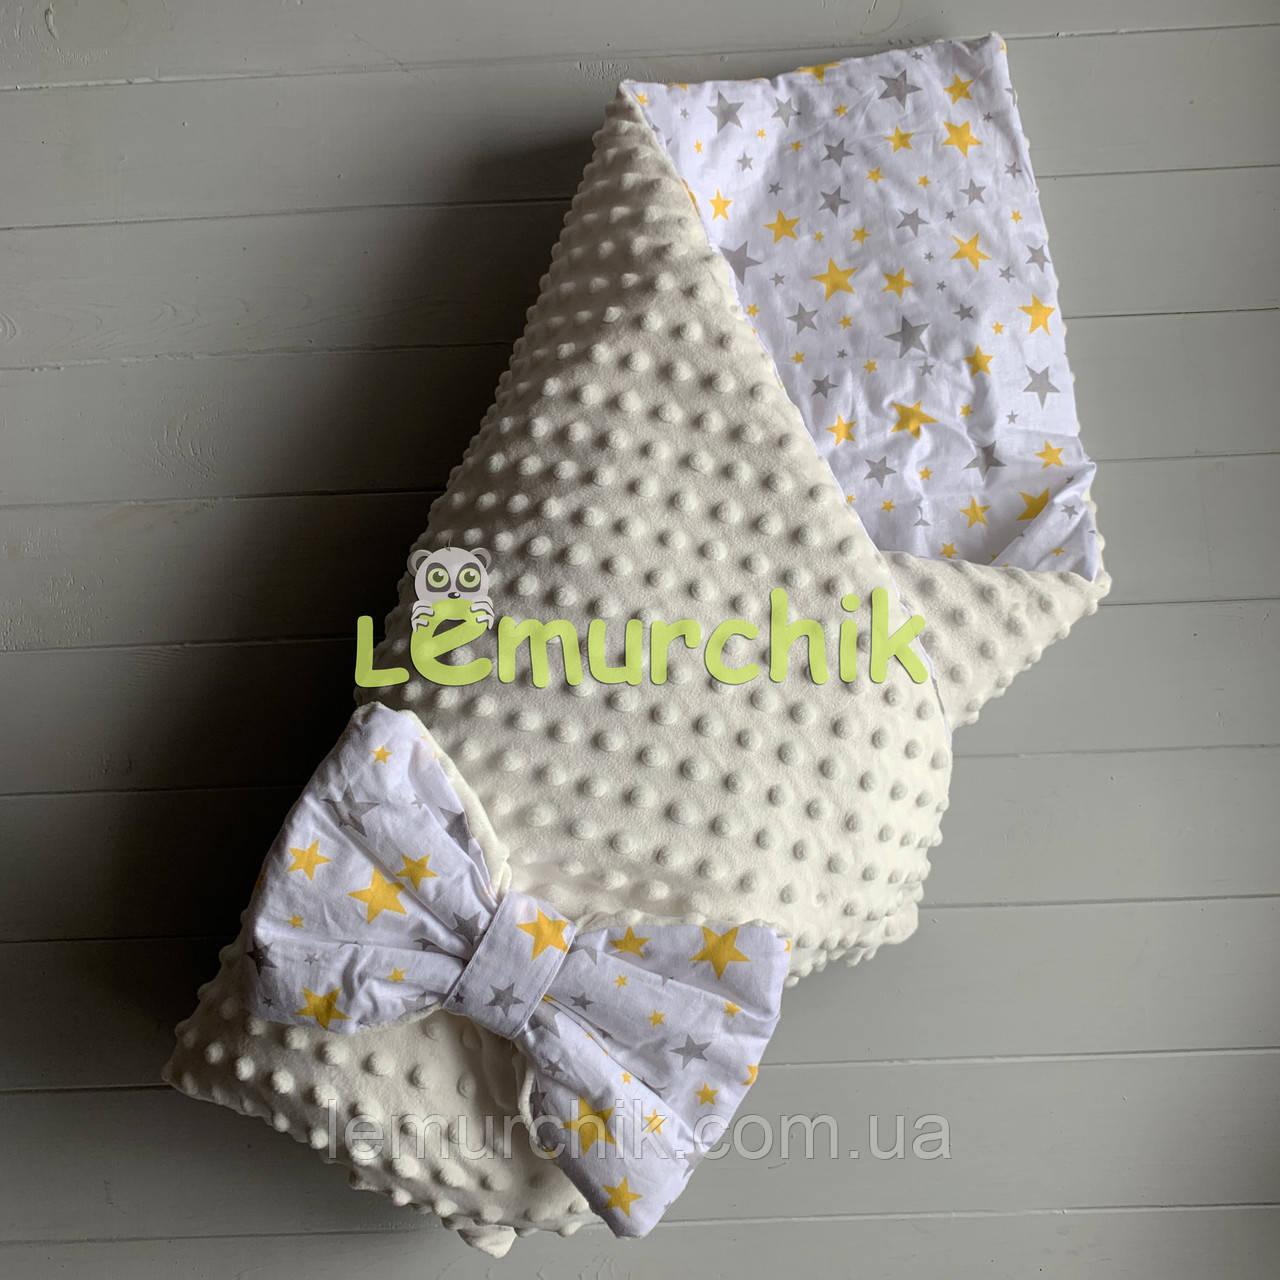 Конверт-ковдру минки на знімному синтепоні молочний Зірочки жовто-сірі